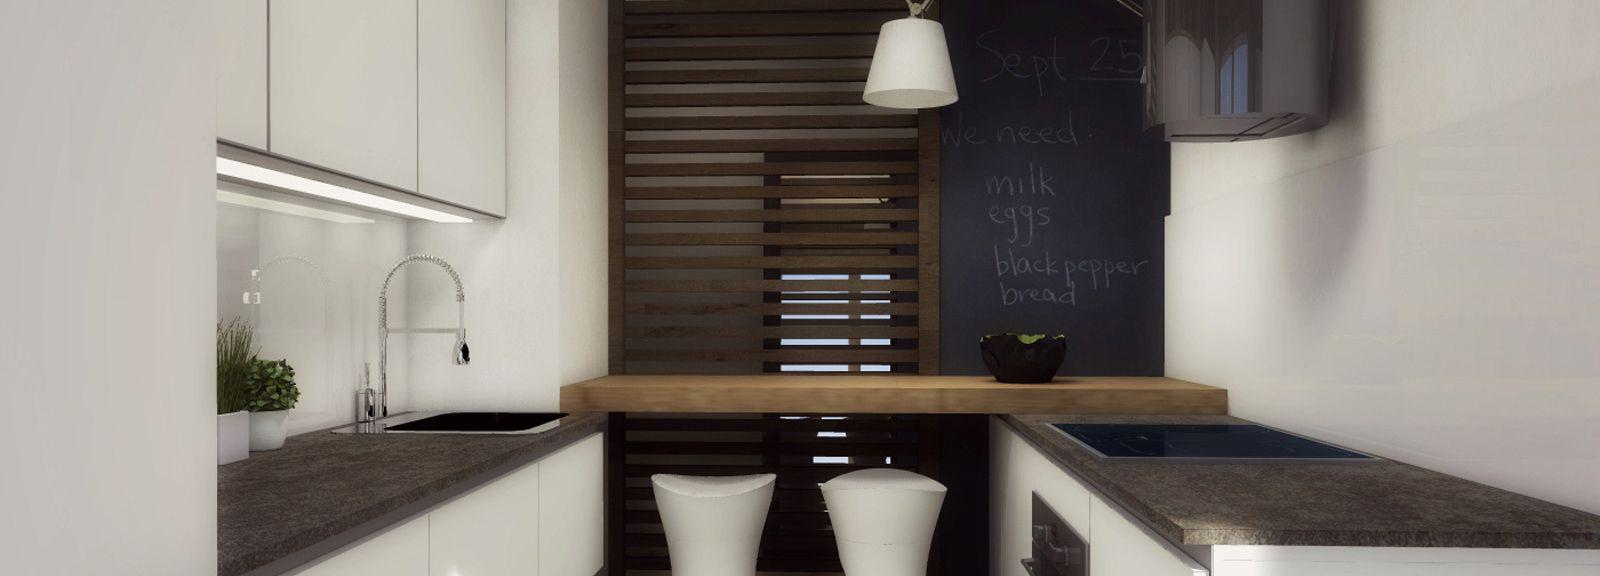 Arredamento cucine piccole: un progetto per meno di 6 mq | Small ...